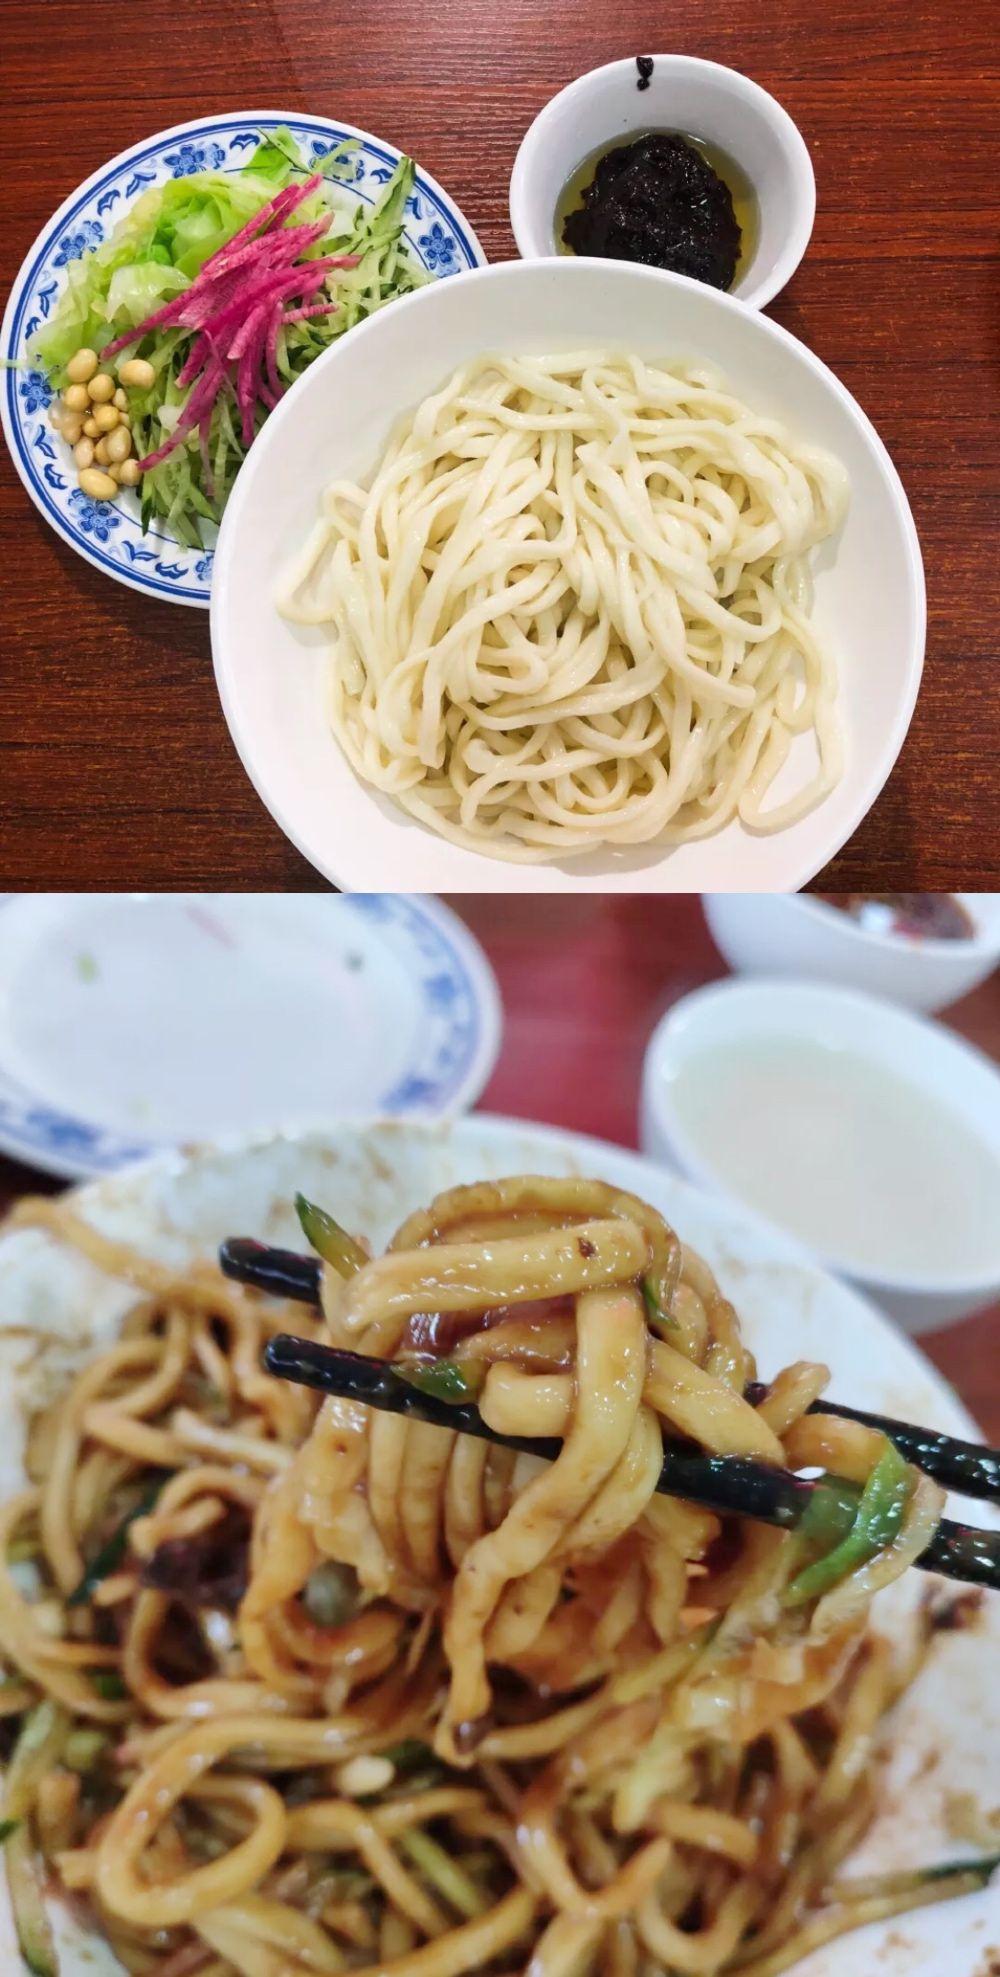 好吃丨胜过饕餮大餐的,就是那一碗家常面